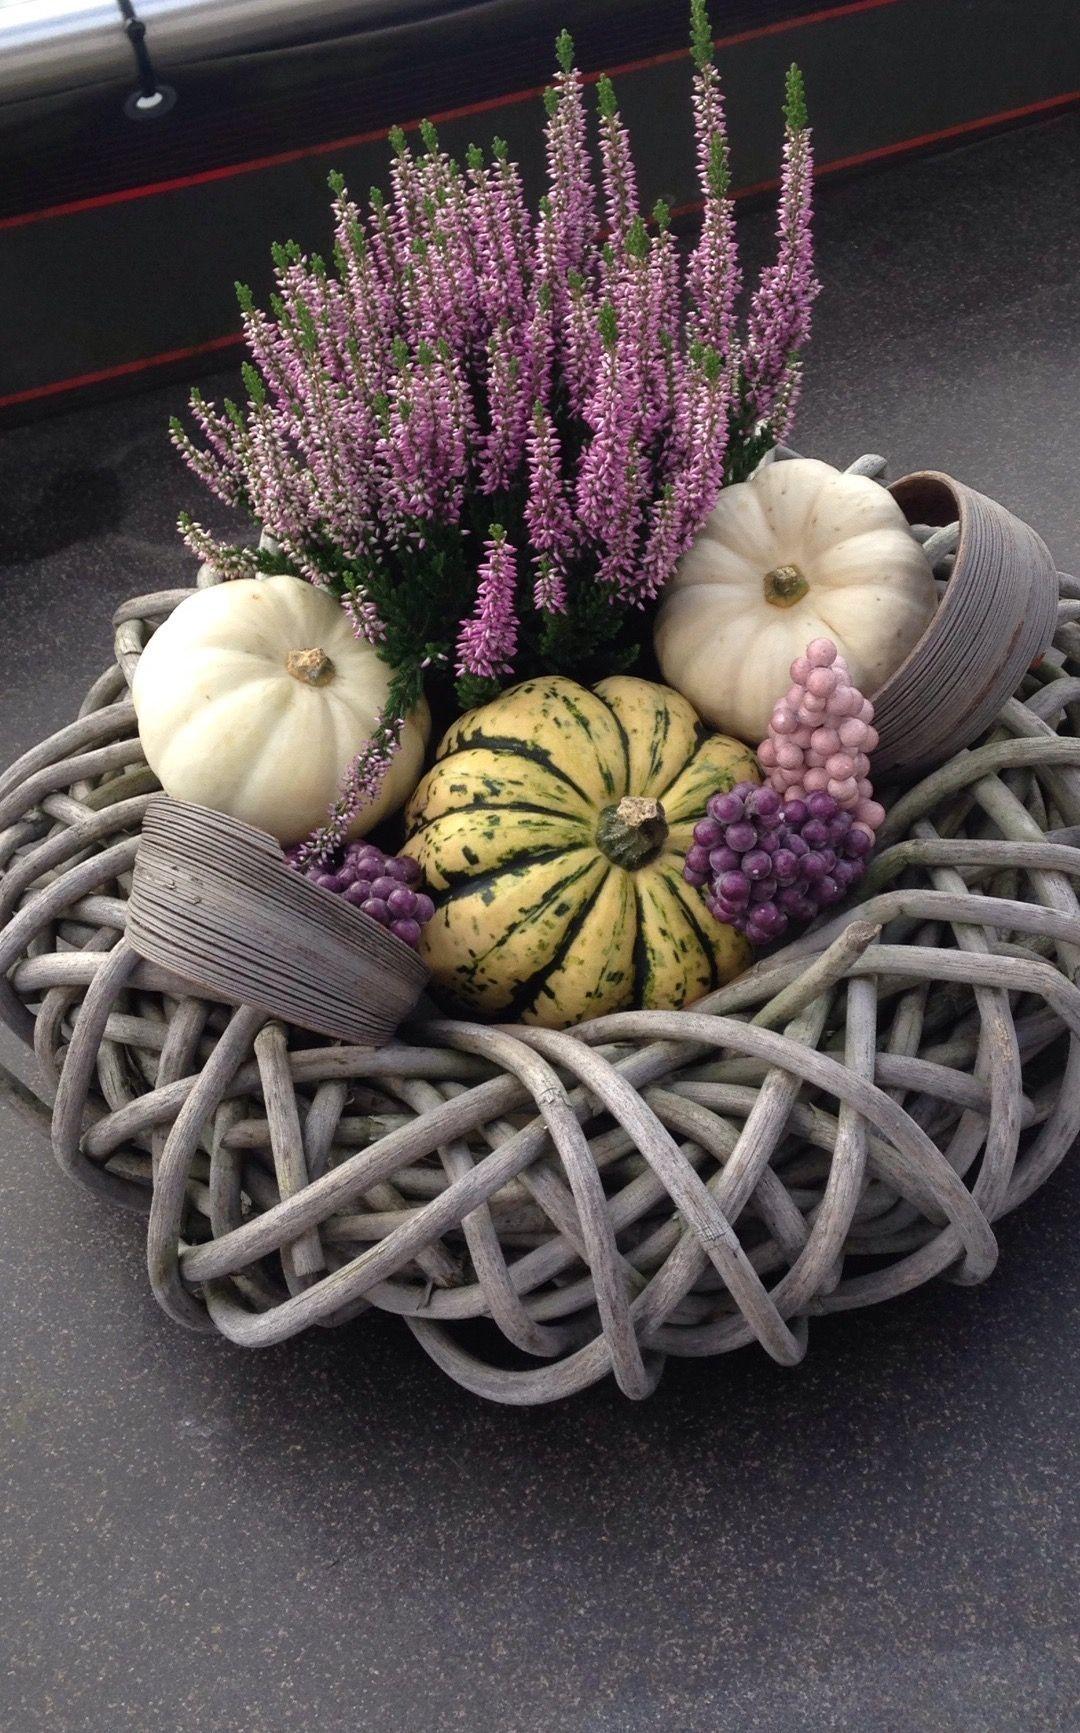 Bildergebnis f r deko mit kastanien podzim pinterest podzimn dekorace podzim a dekorace - Deko mit kastanien ...